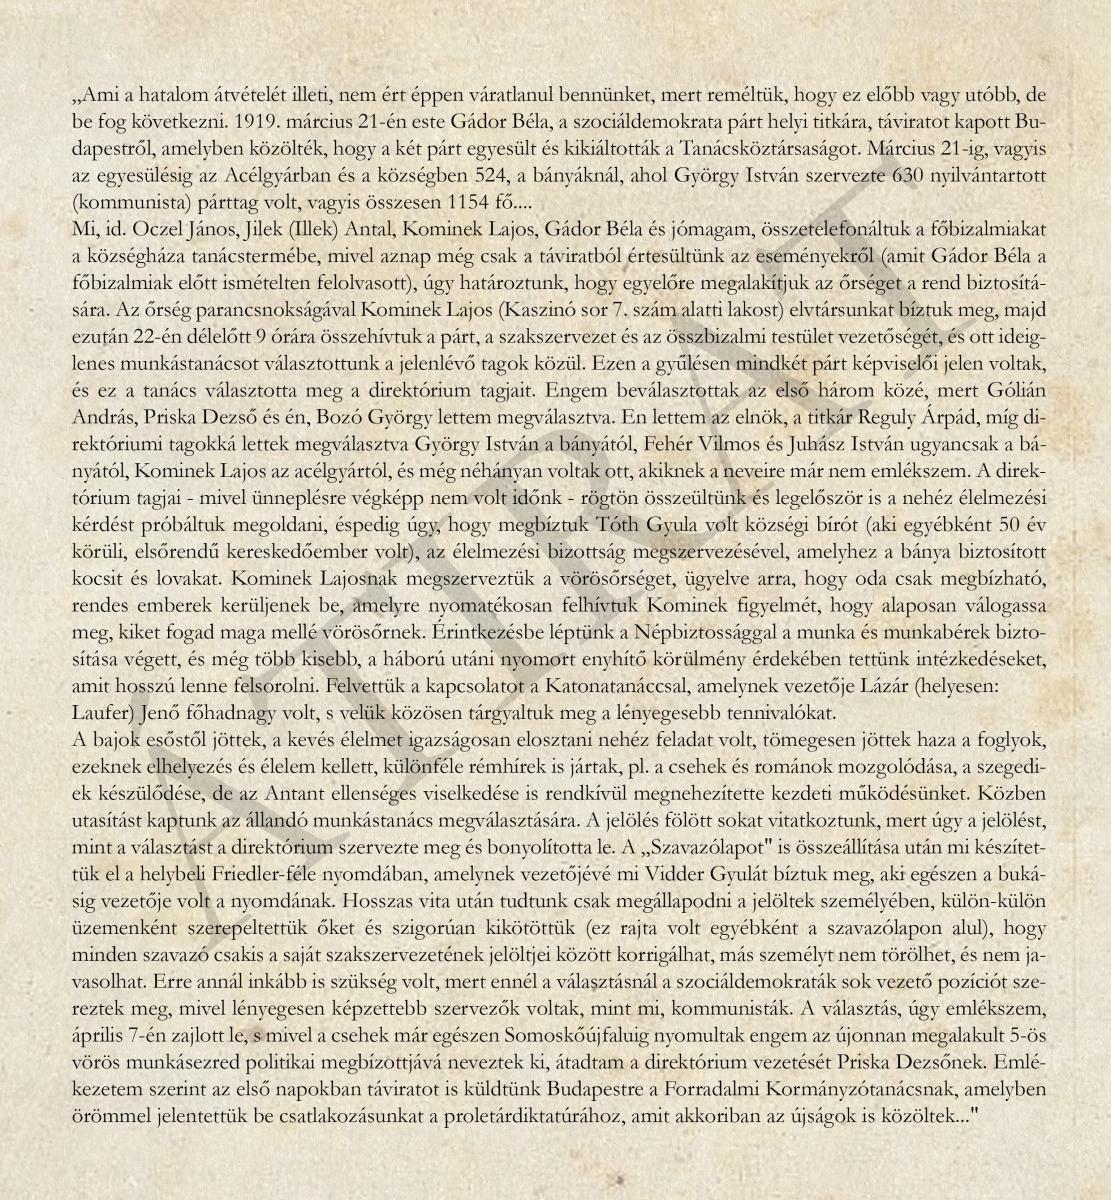 02.-01.-Bozó-György-acélgyári-főbizalmi-visszaemlékezése